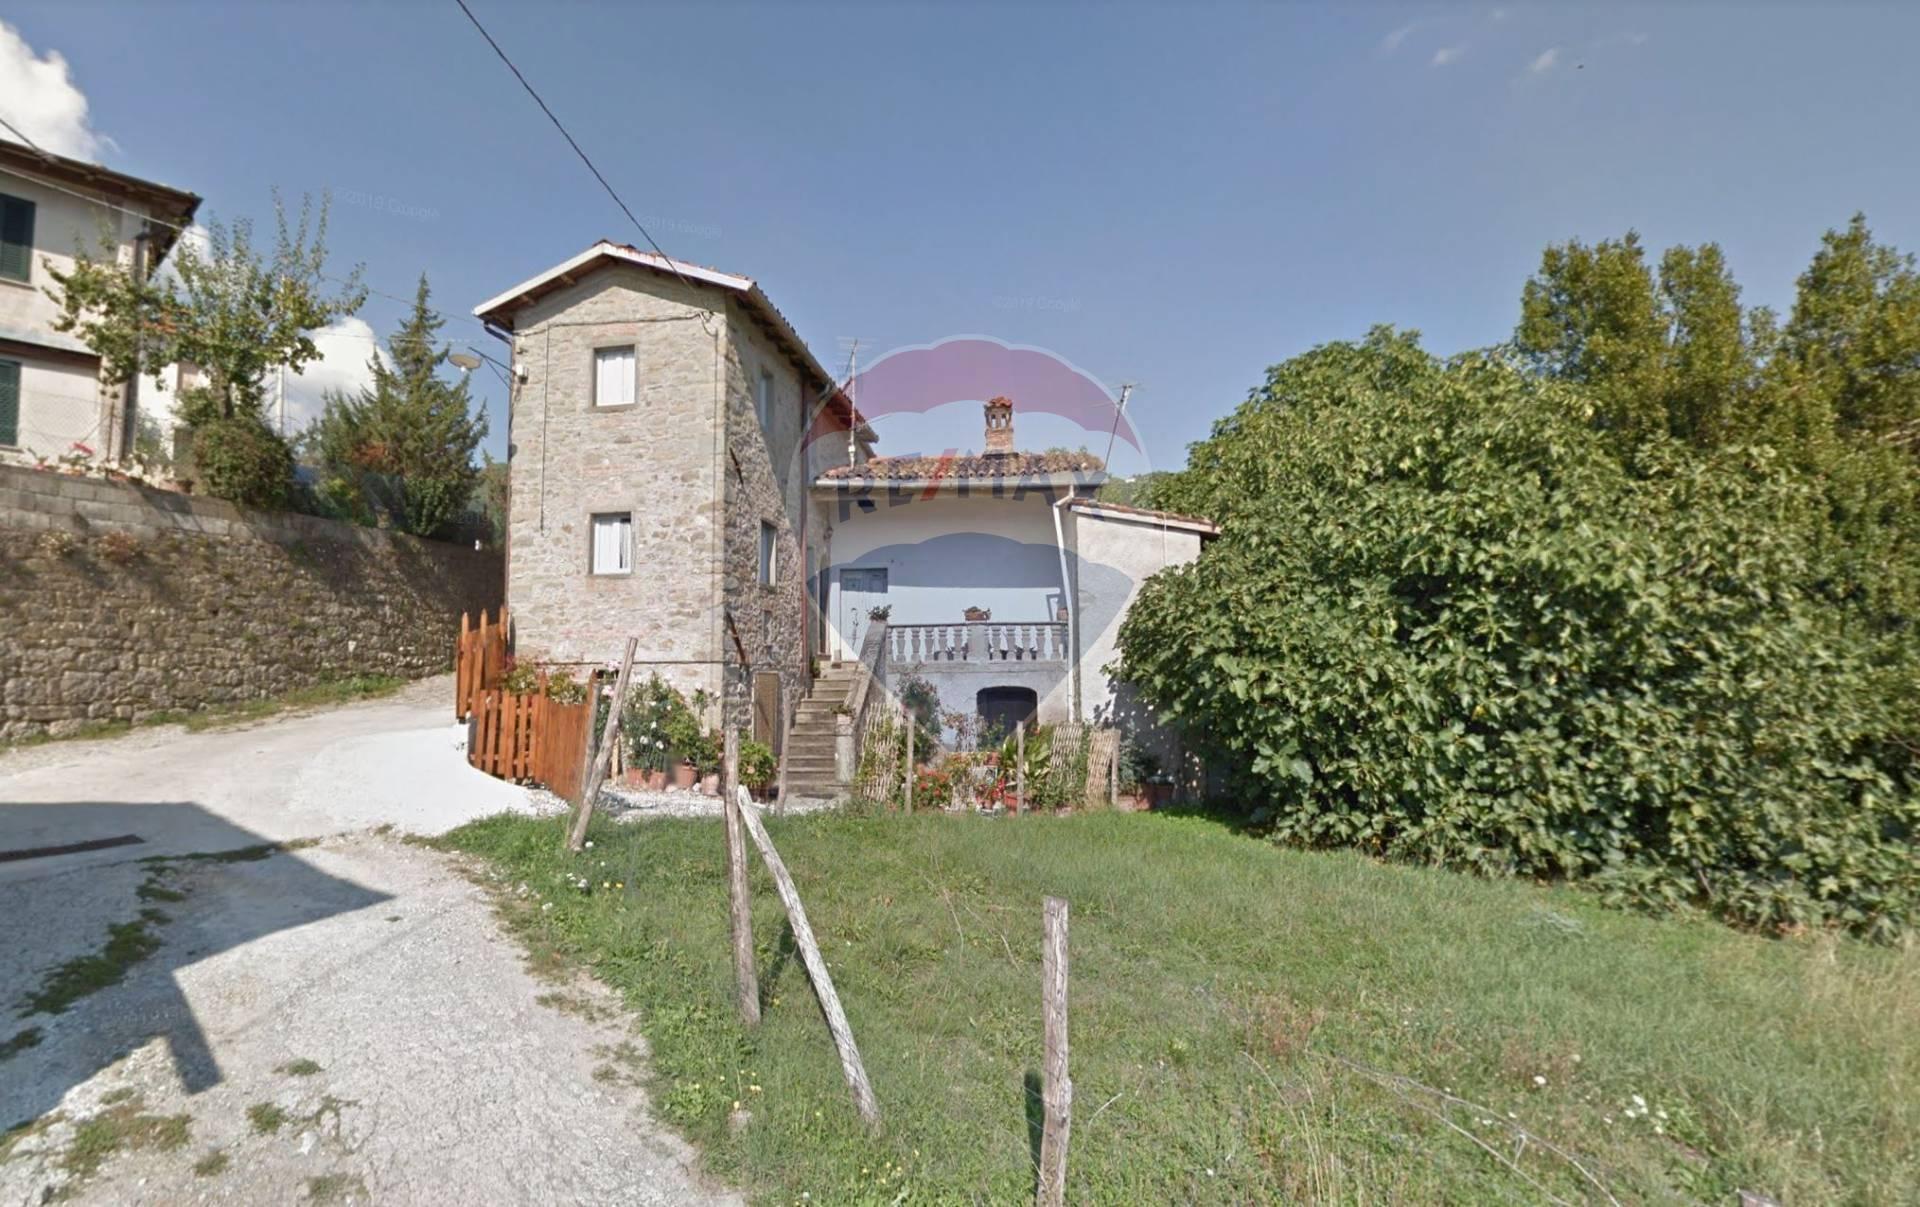 Soluzione Semindipendente in vendita a Villa Collemandina, 5 locali, prezzo € 45.000   CambioCasa.it